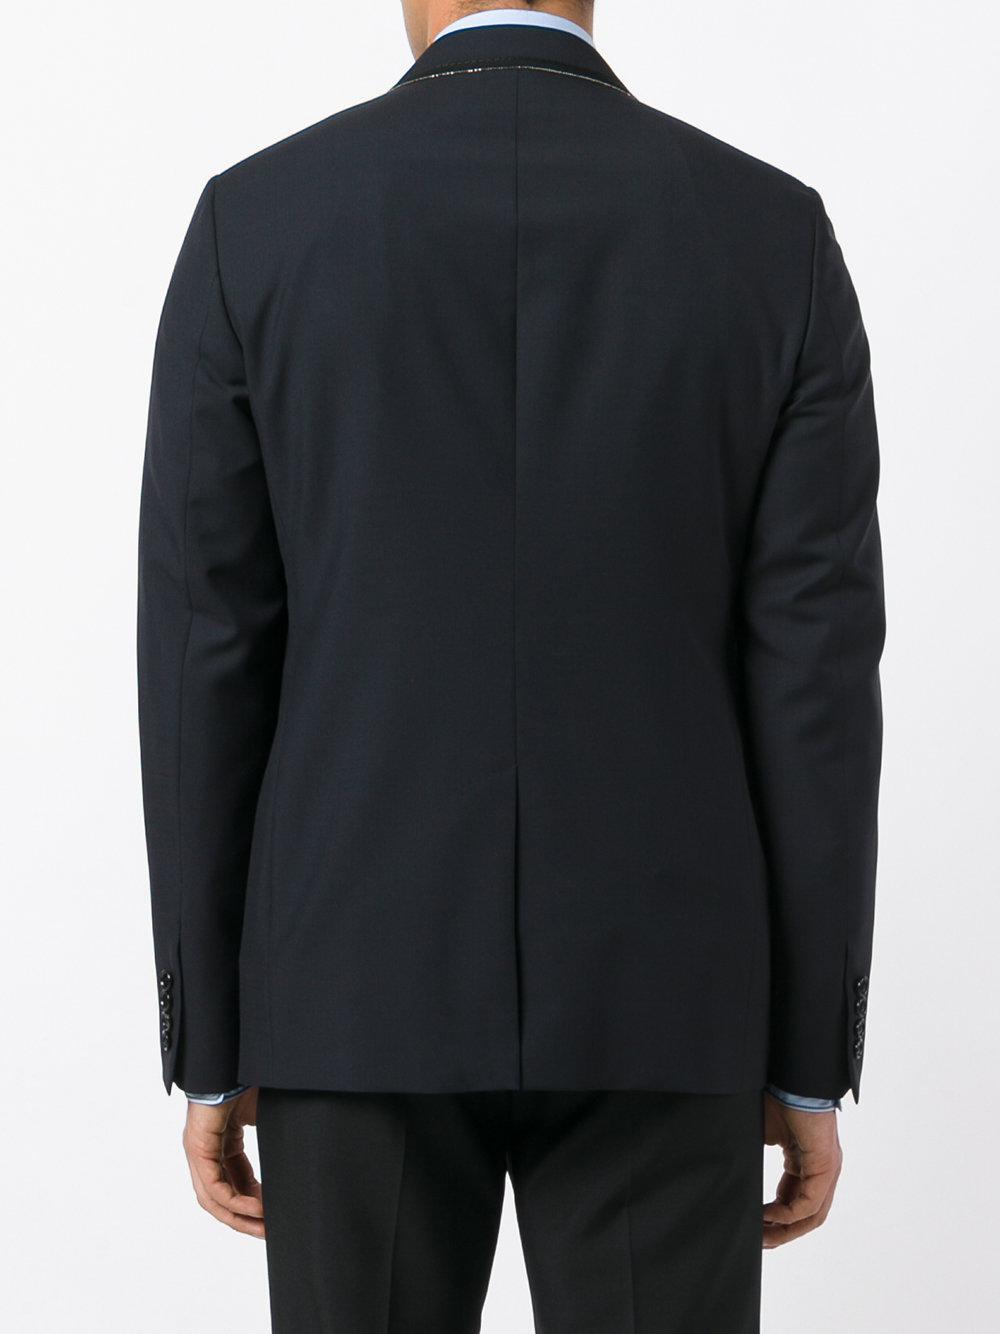 Lanvin Wool Grosgrain Trimmed Blazer in Blue for Men